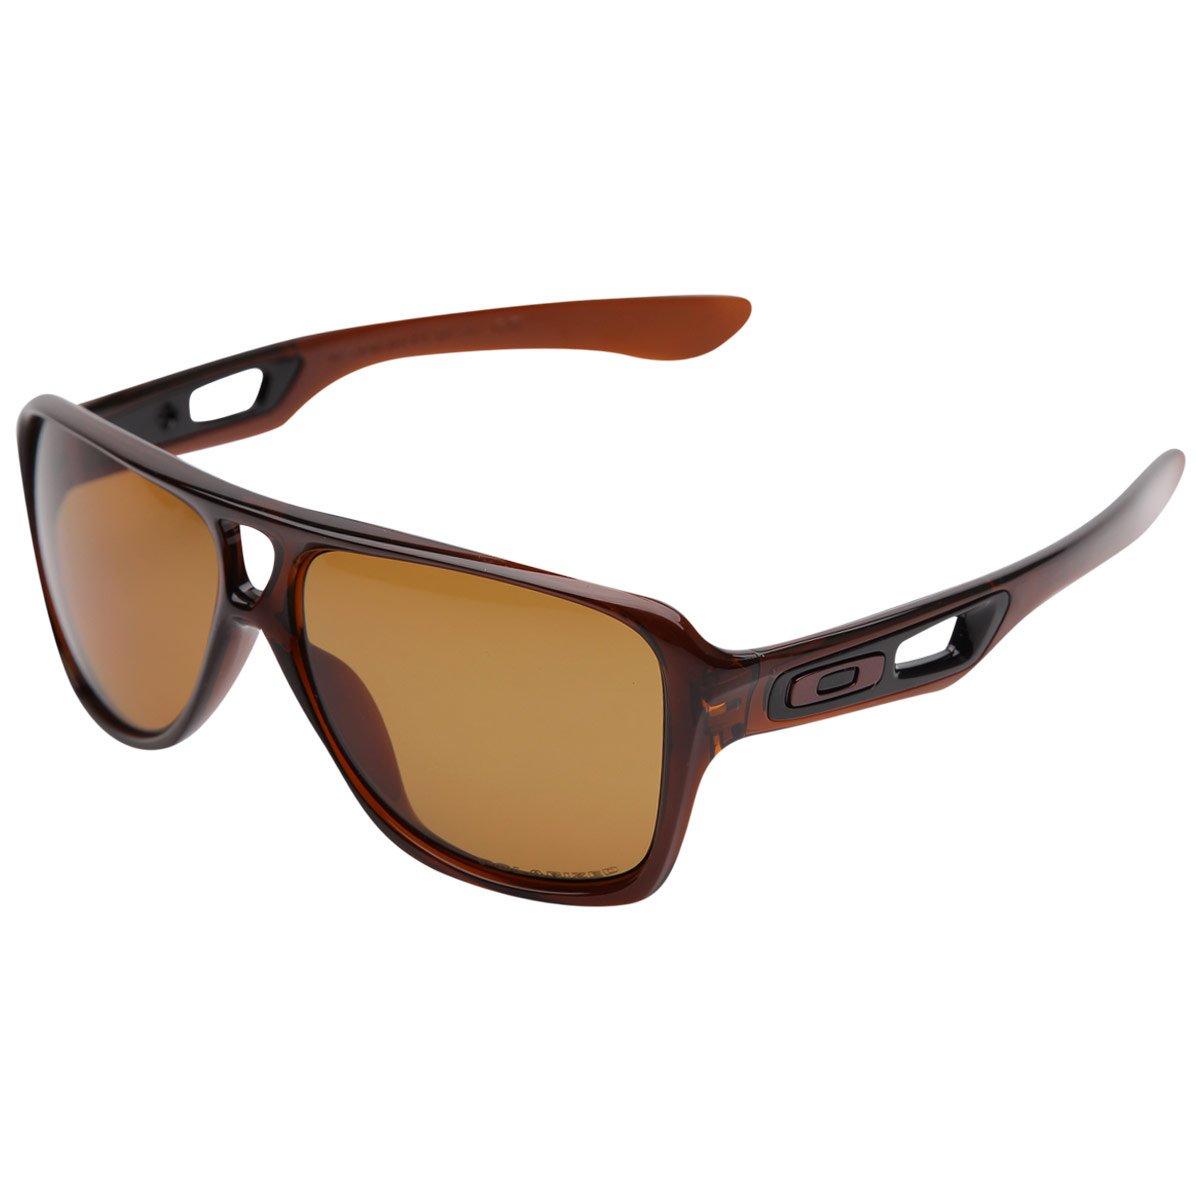 f5d89d8b16fbb Óculos de Sol Oakley Dispatch 2 - Compre Agora   Netshoes